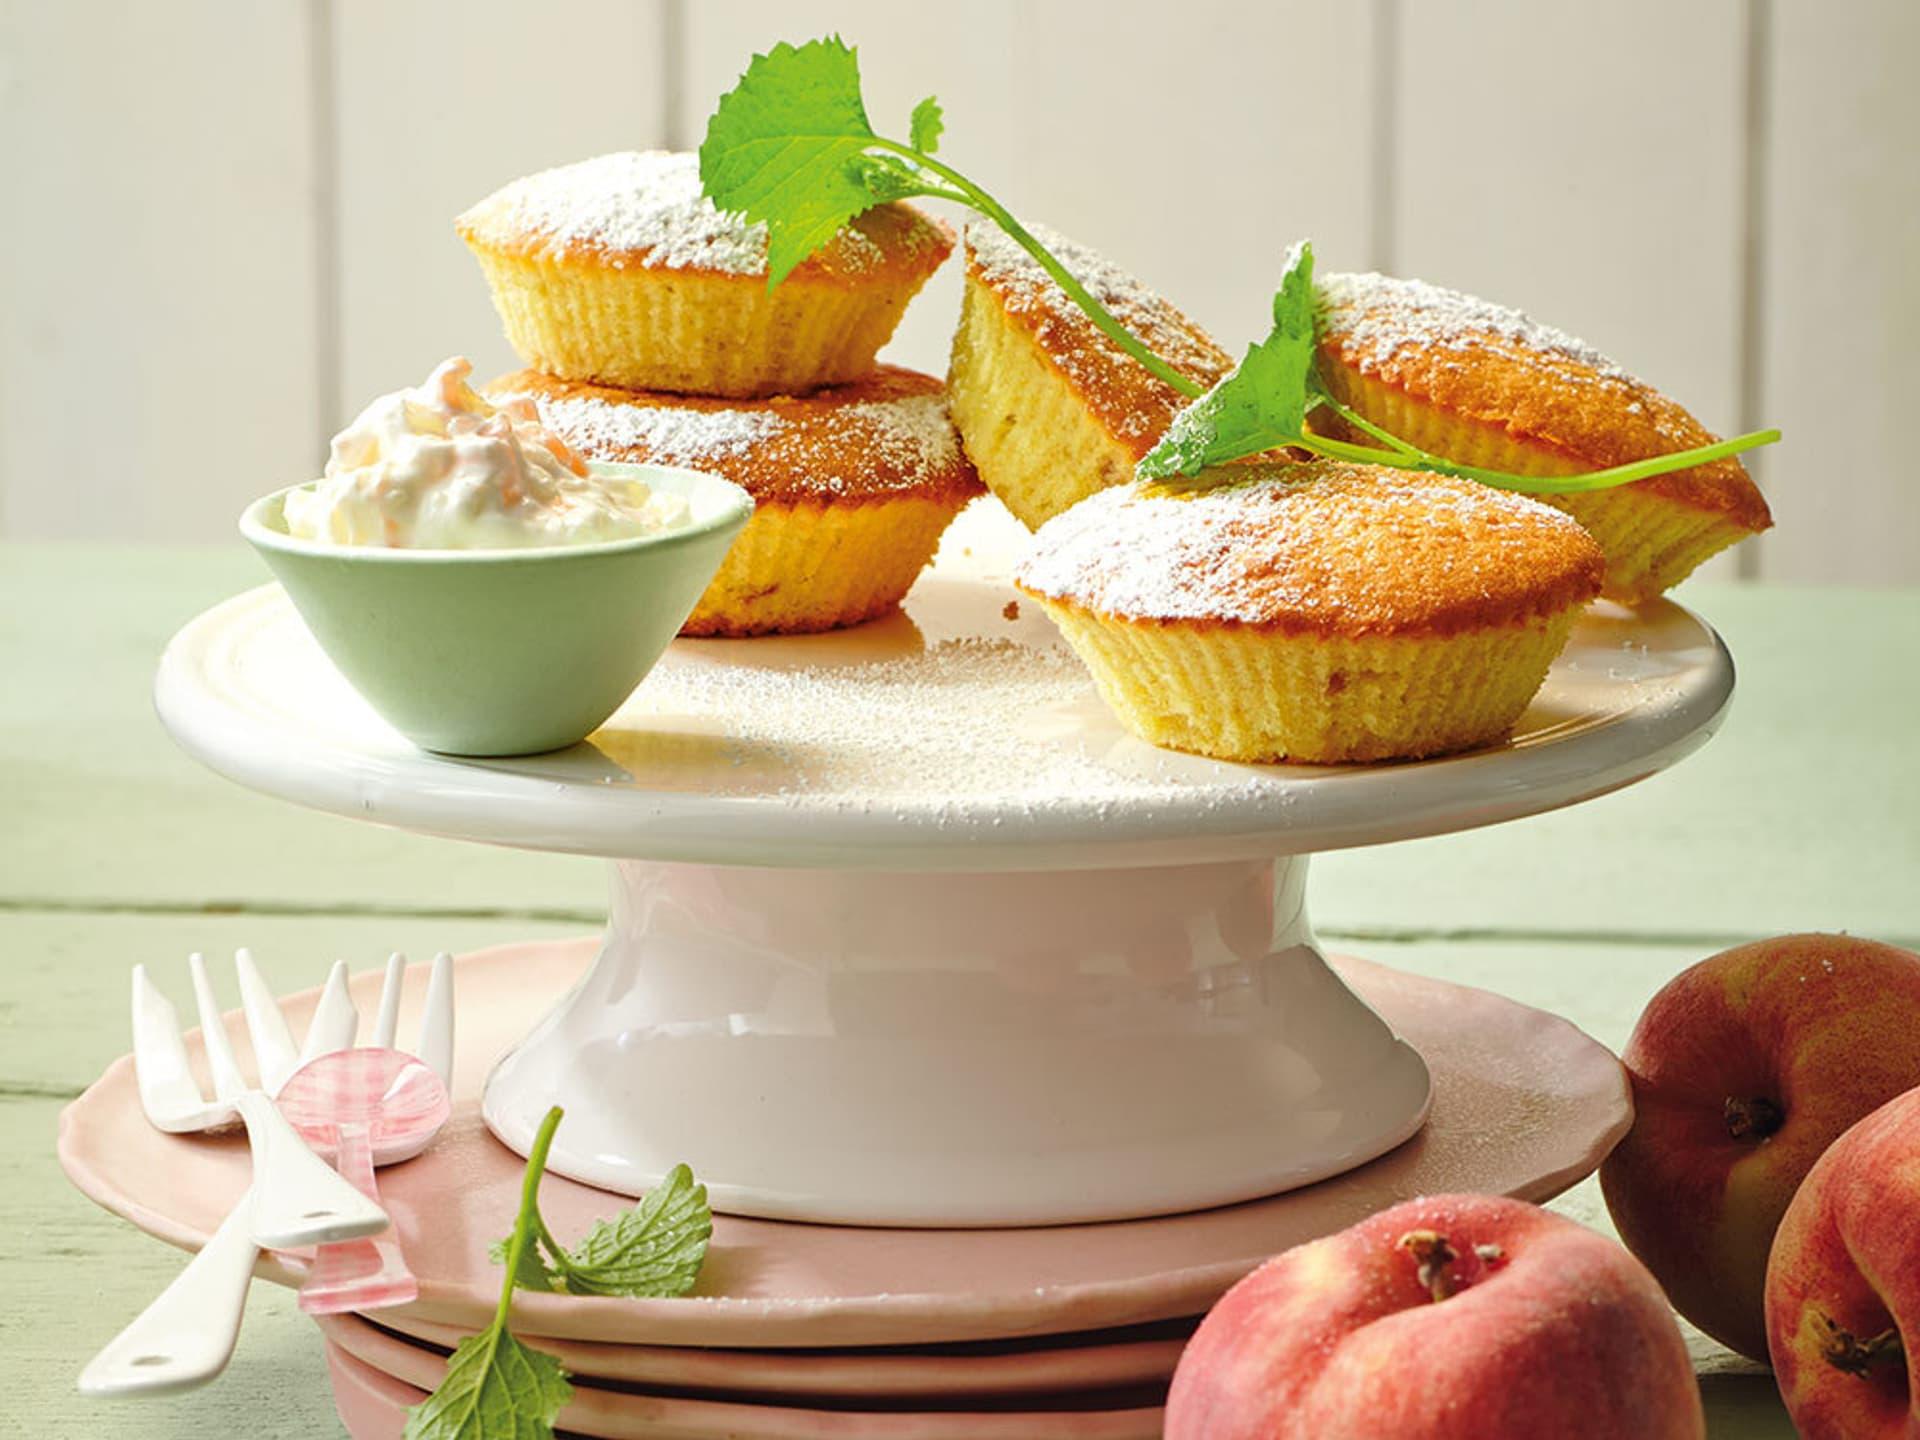 Pfirsich-Cupcakes mit Joghurt